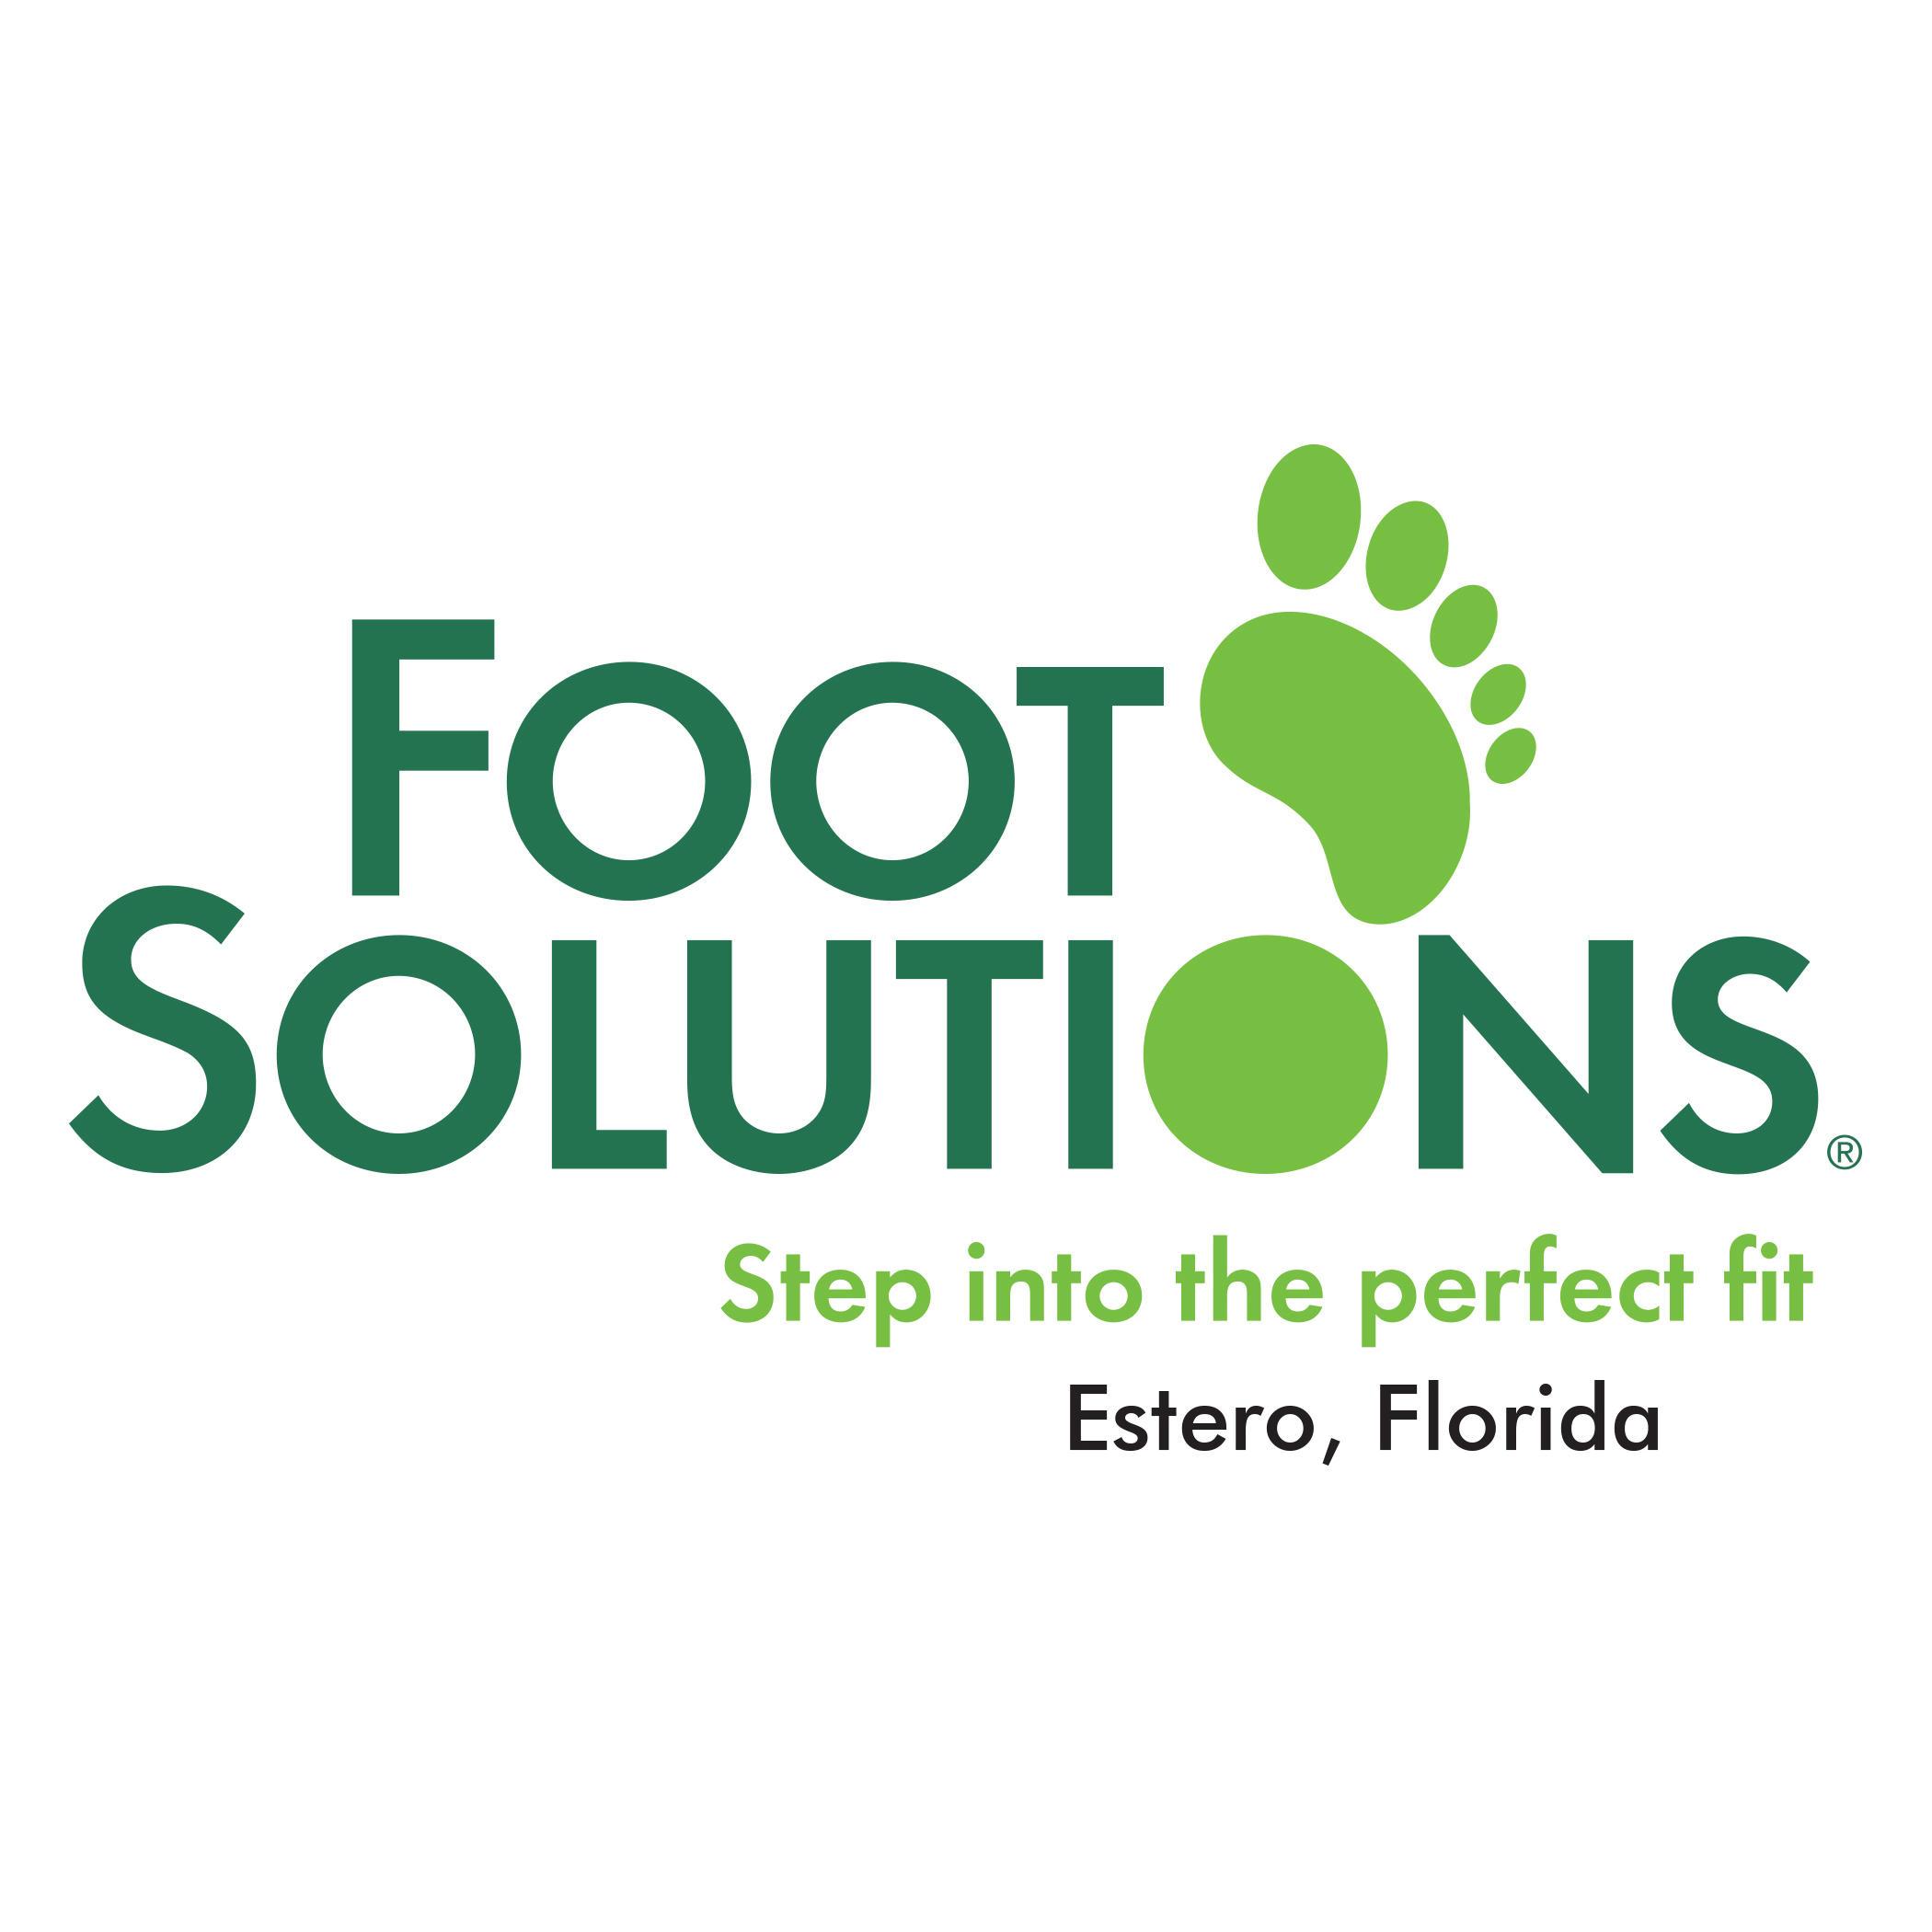 Foot Solutions Estero